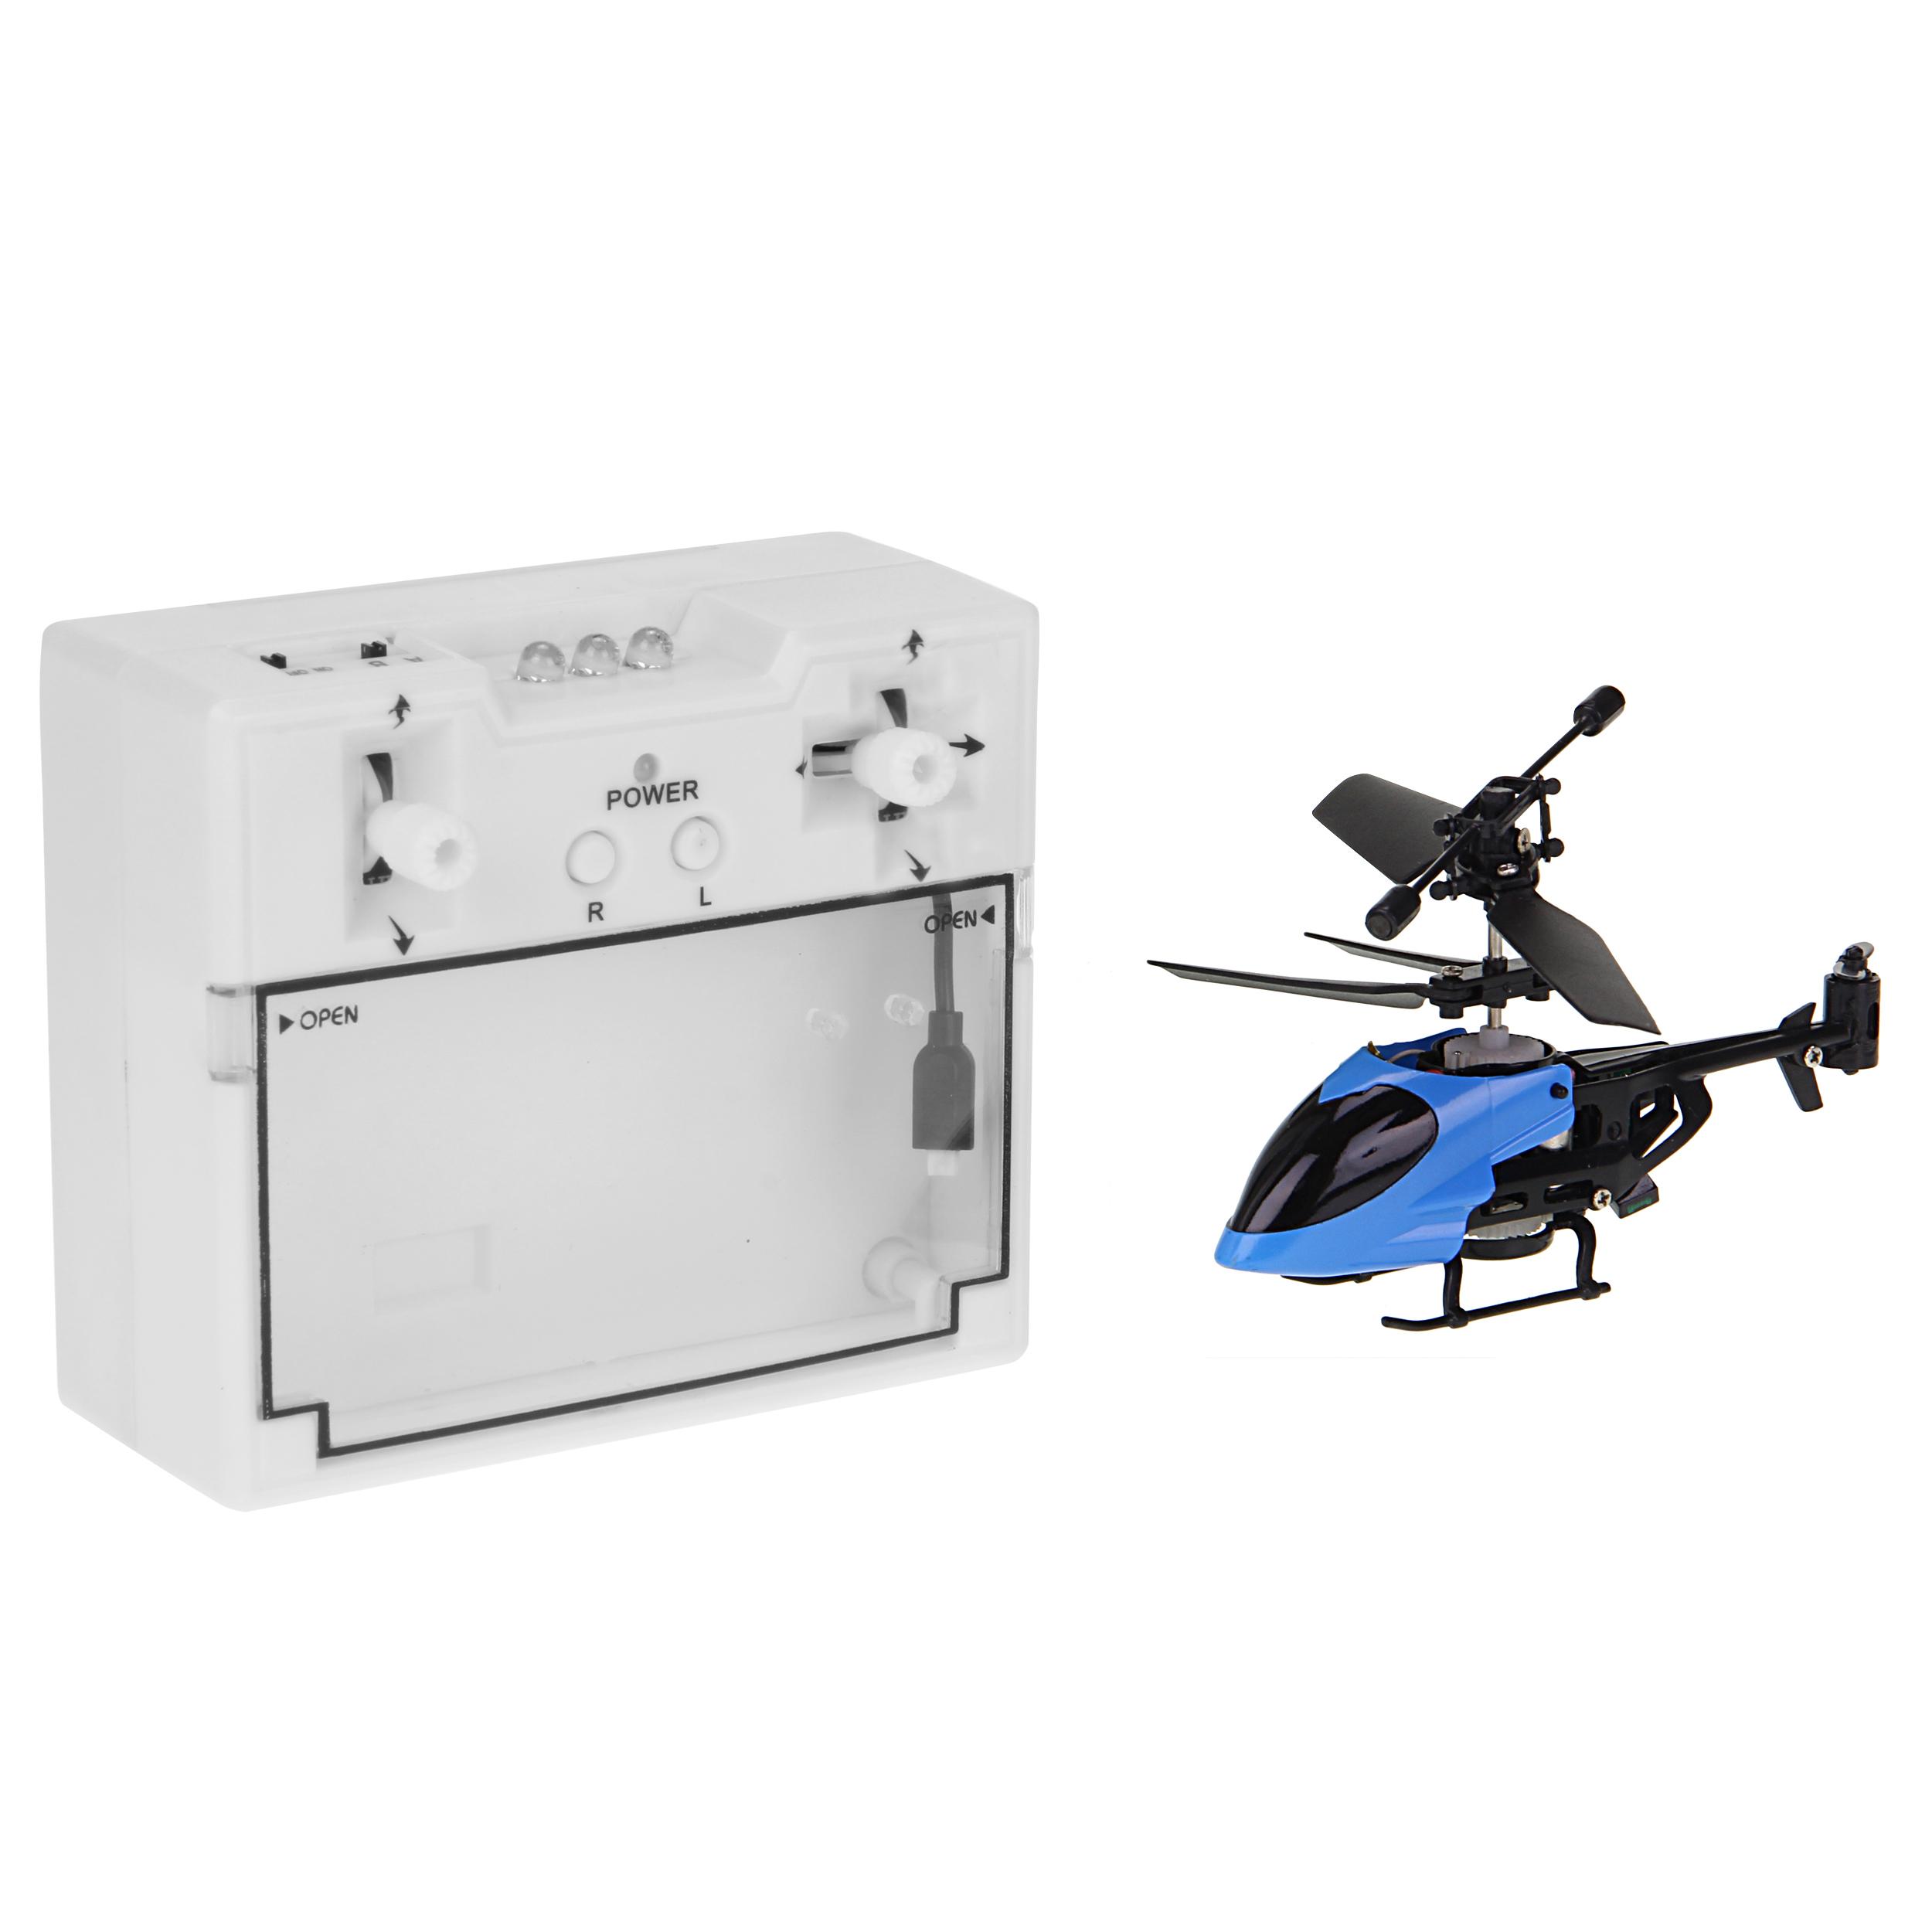 هلیکوپتر بازی کنترلی مدل CH3.5